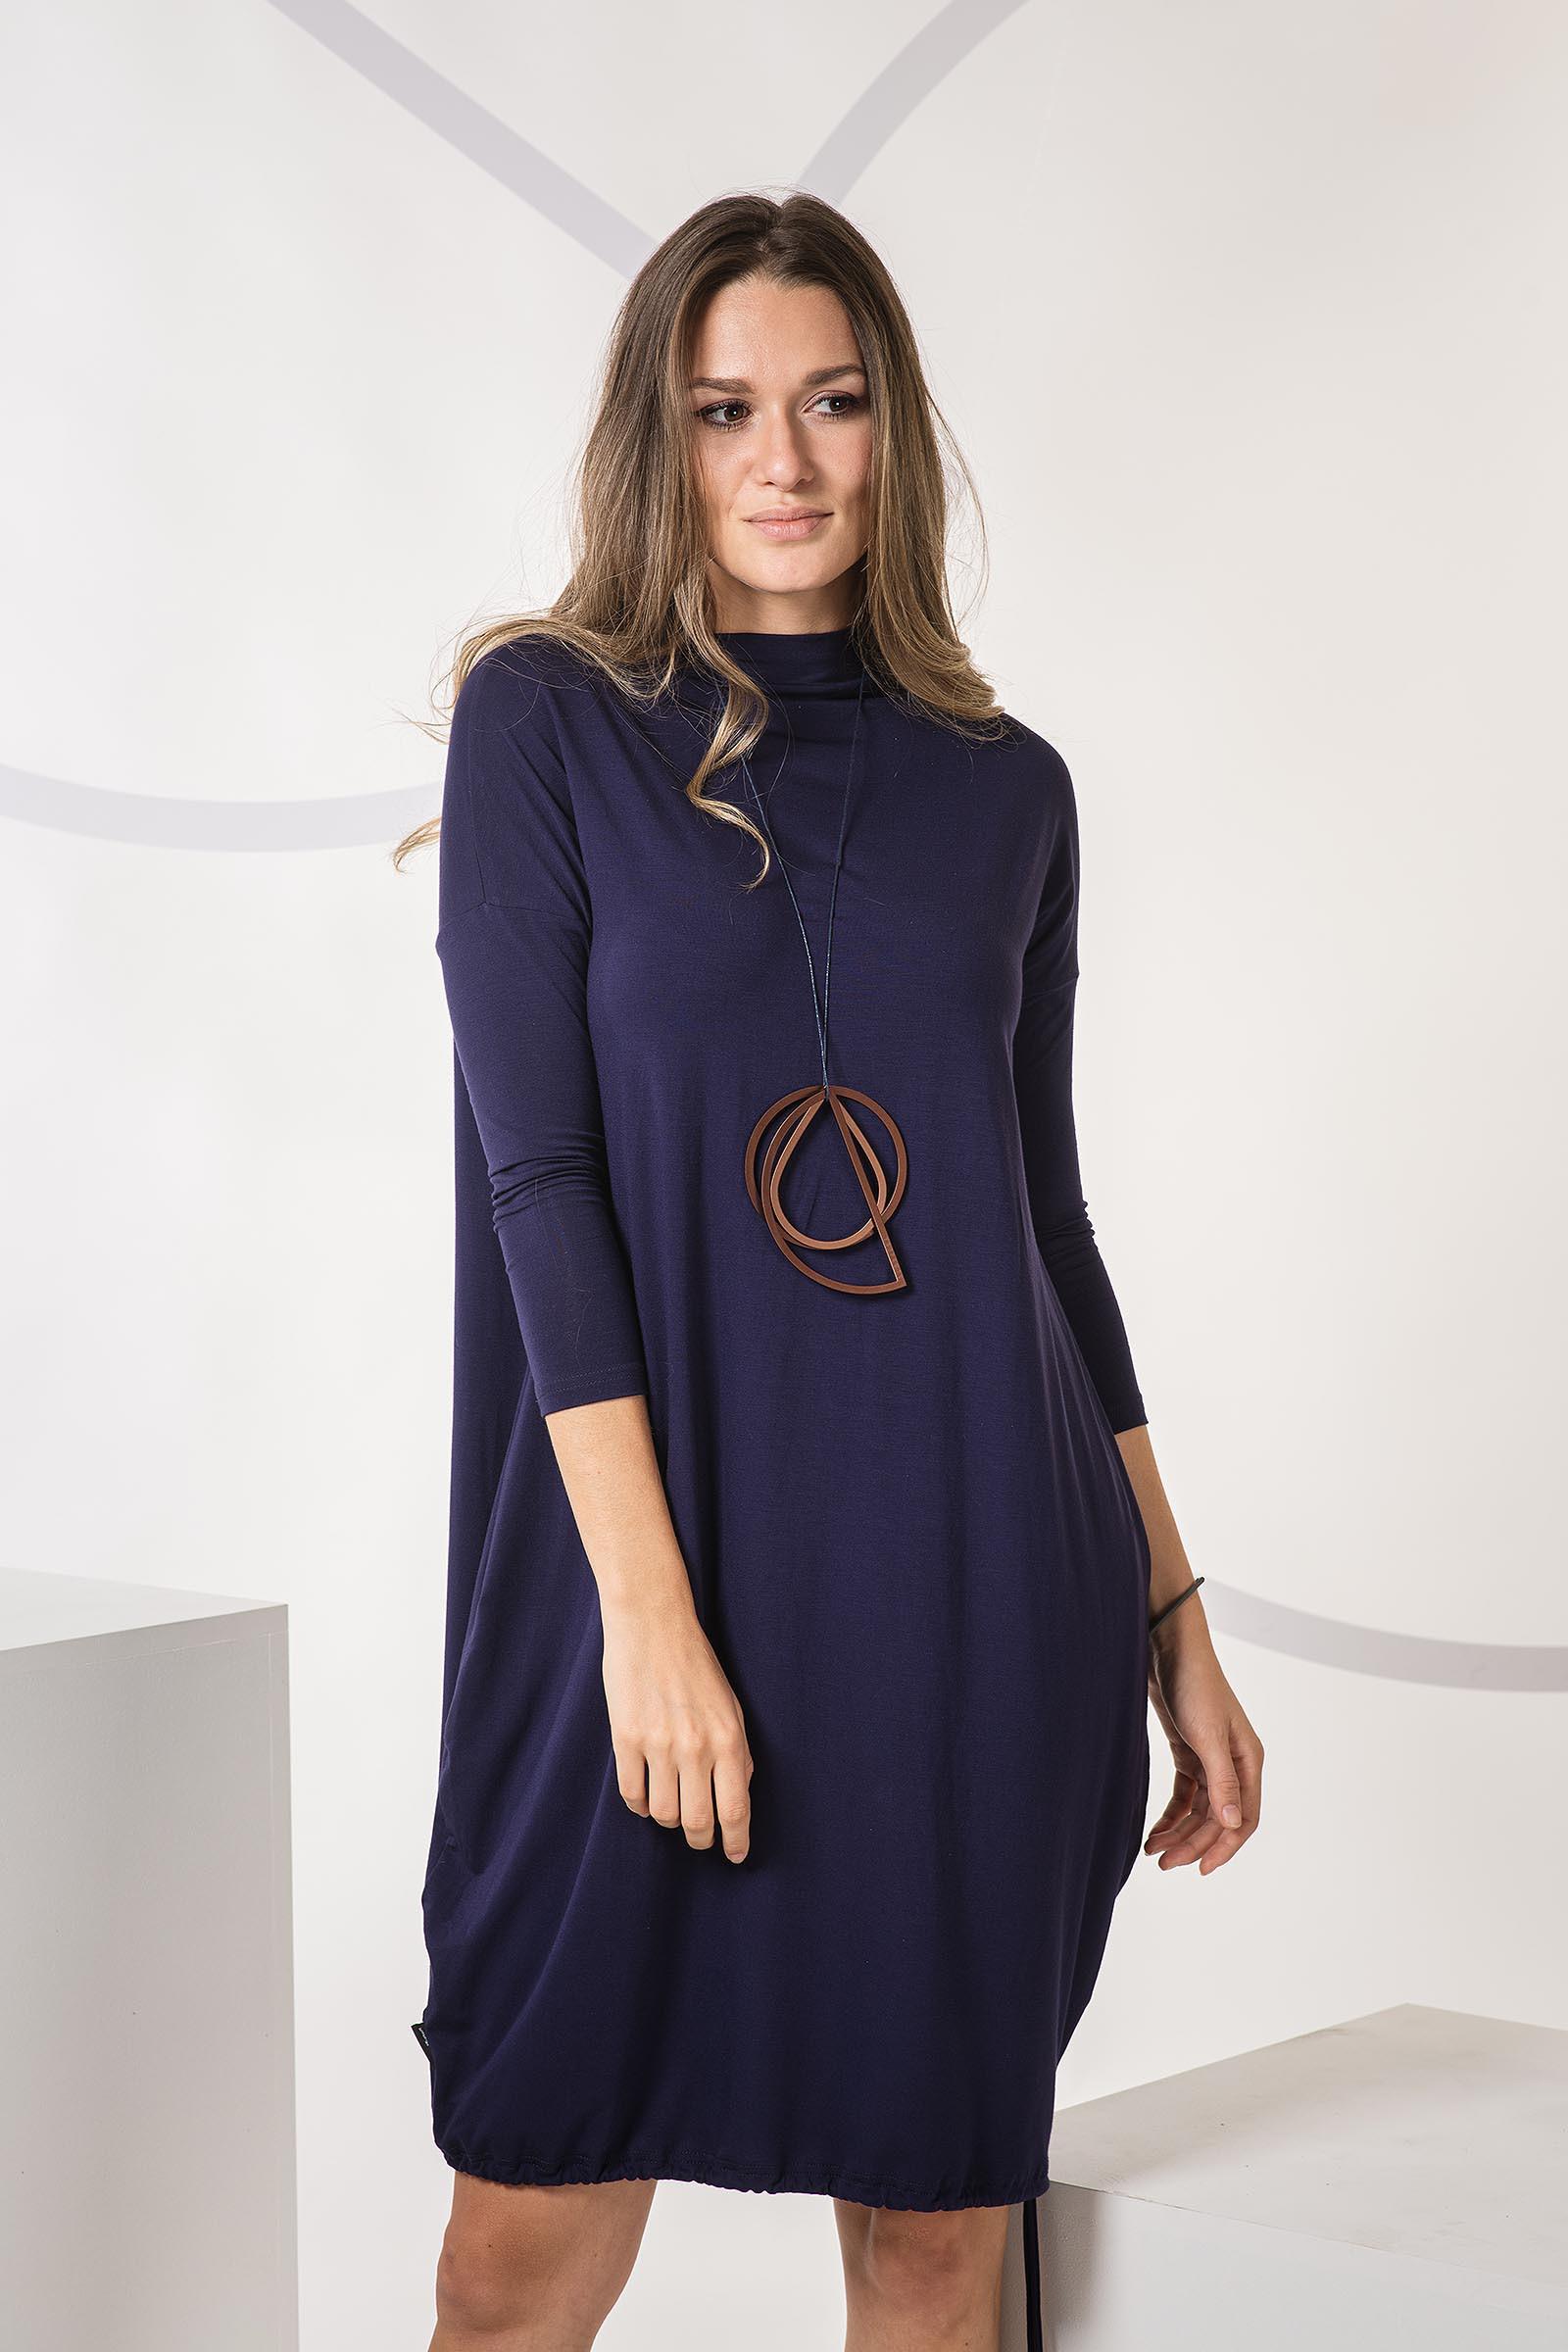 Šaty a sukně Vilma tmavě modrá